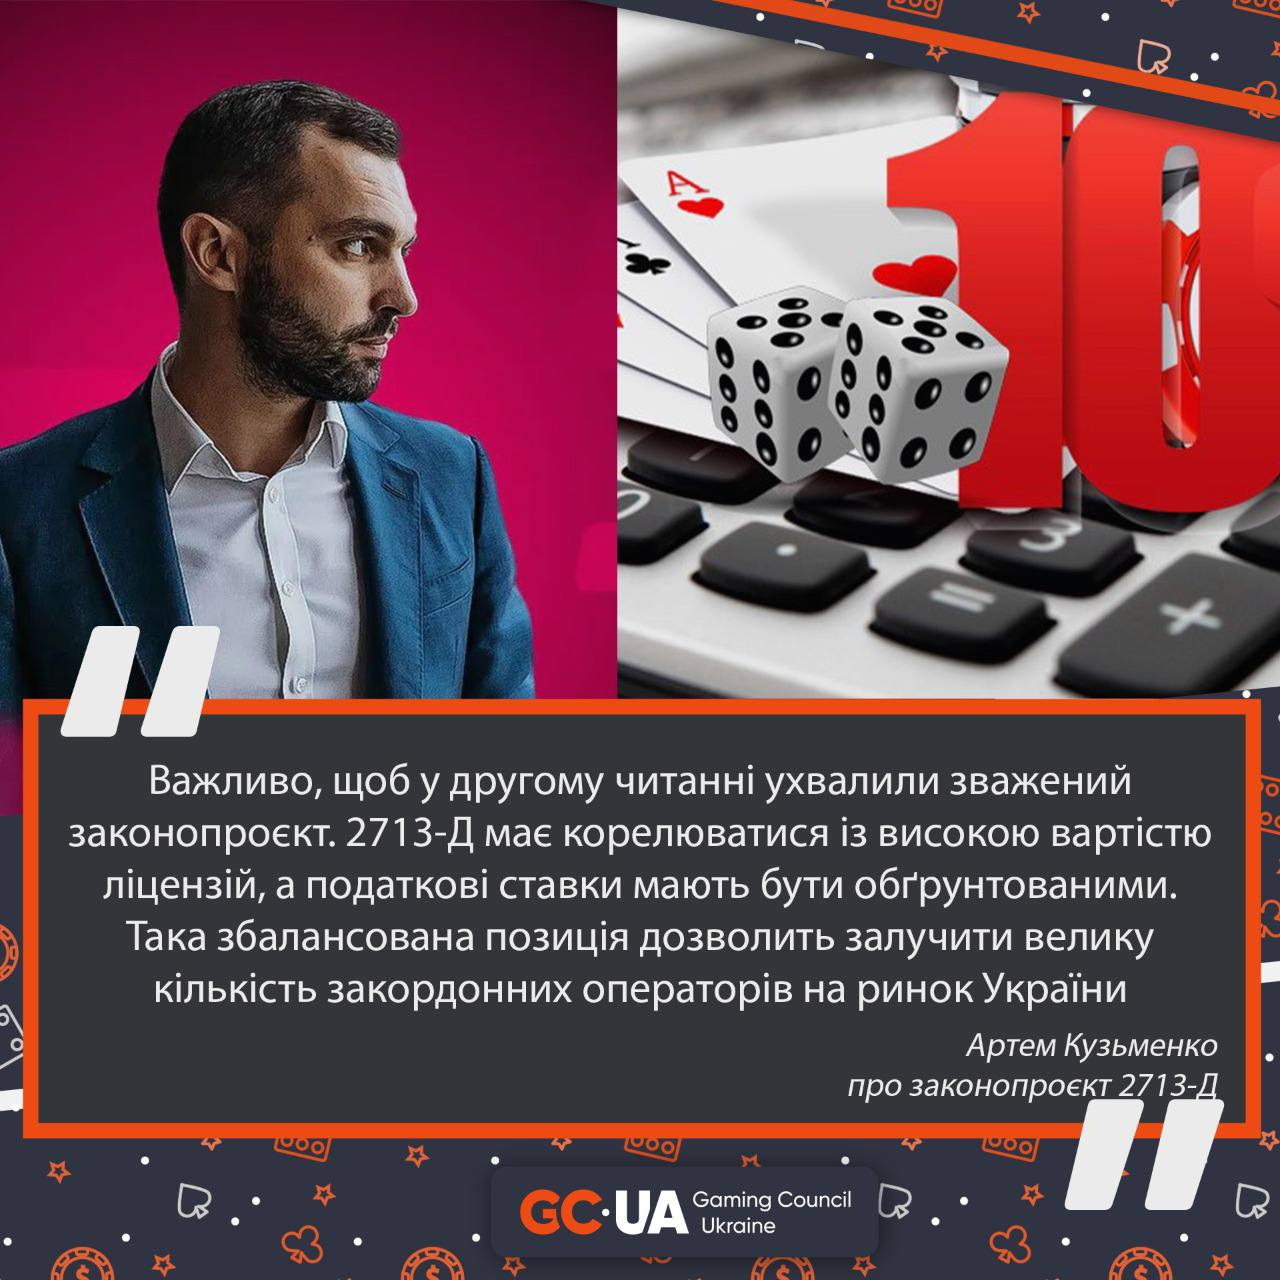 Заступник голови правління GC-UA Артем Кузьменко про правки до законопроєкту 2713-Д